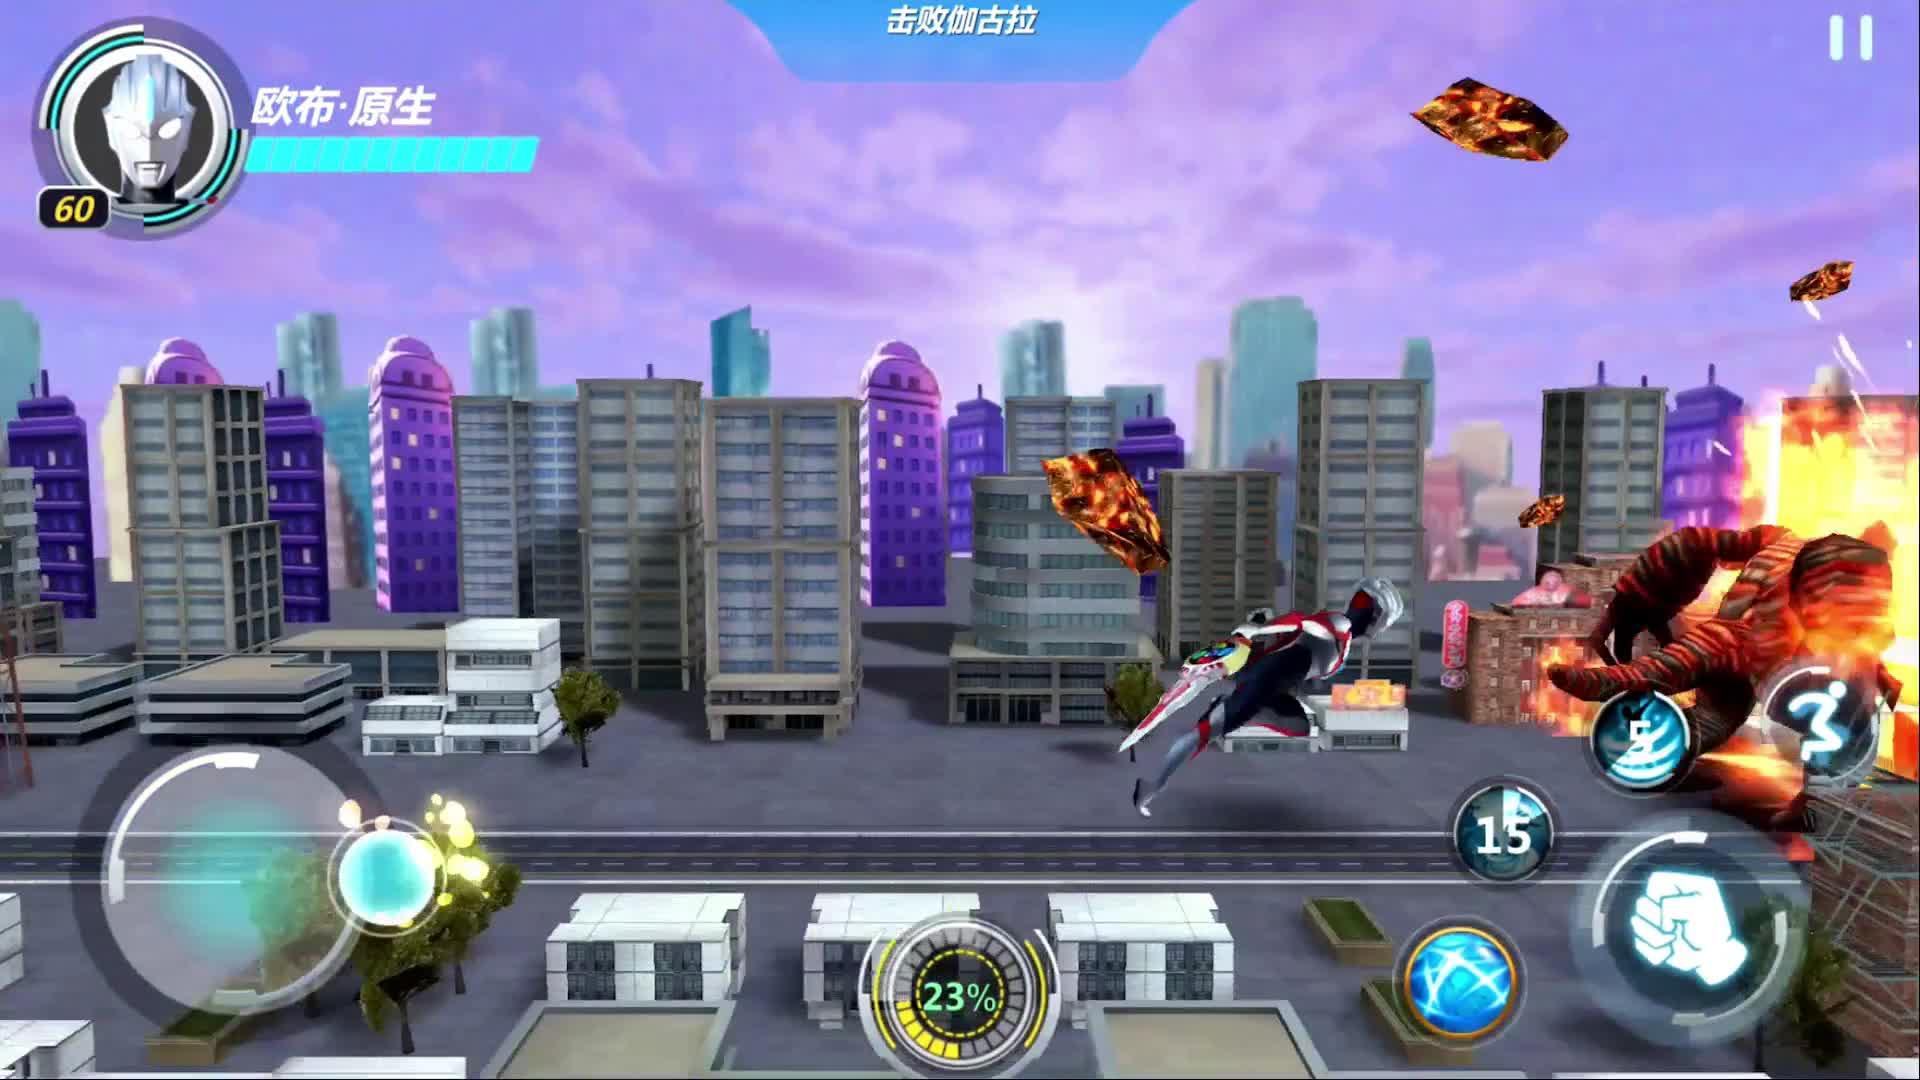 奥特曼格斗超人第134期:第一件60级的橙色装备手机游戏